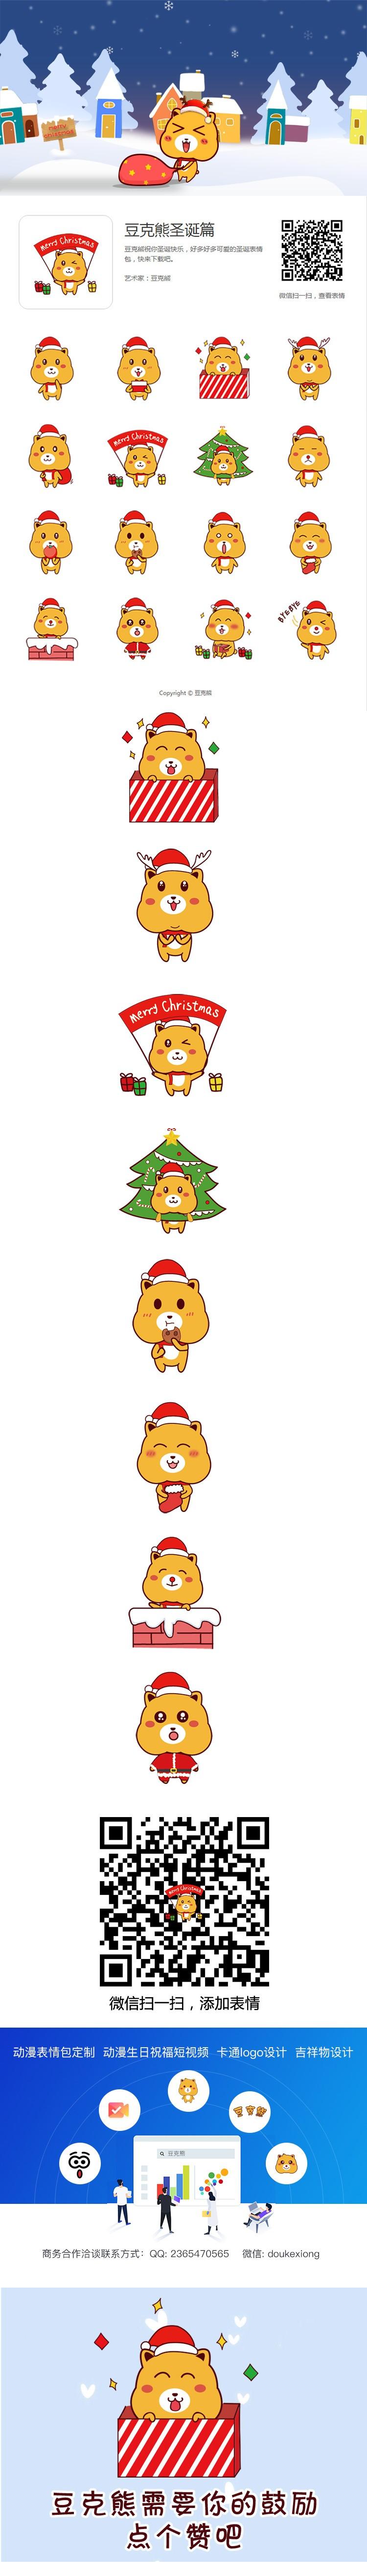 【豆克熊】微信表情圣诞主题上线啦